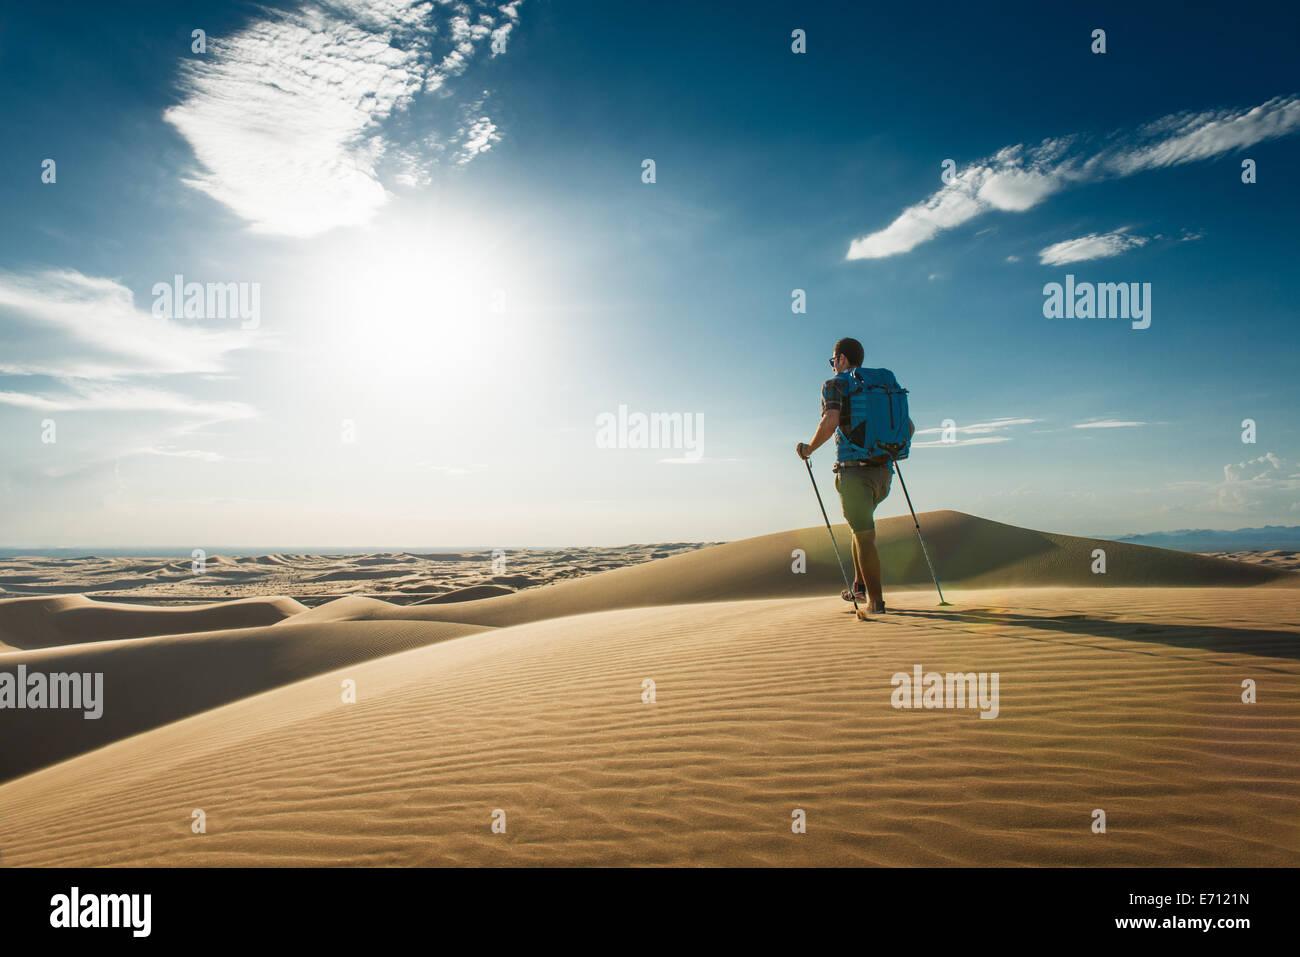 L'uomo escursionismo in Glamis dune di sabbia, CALIFORNIA, STATI UNITI D'AMERICA Immagini Stock